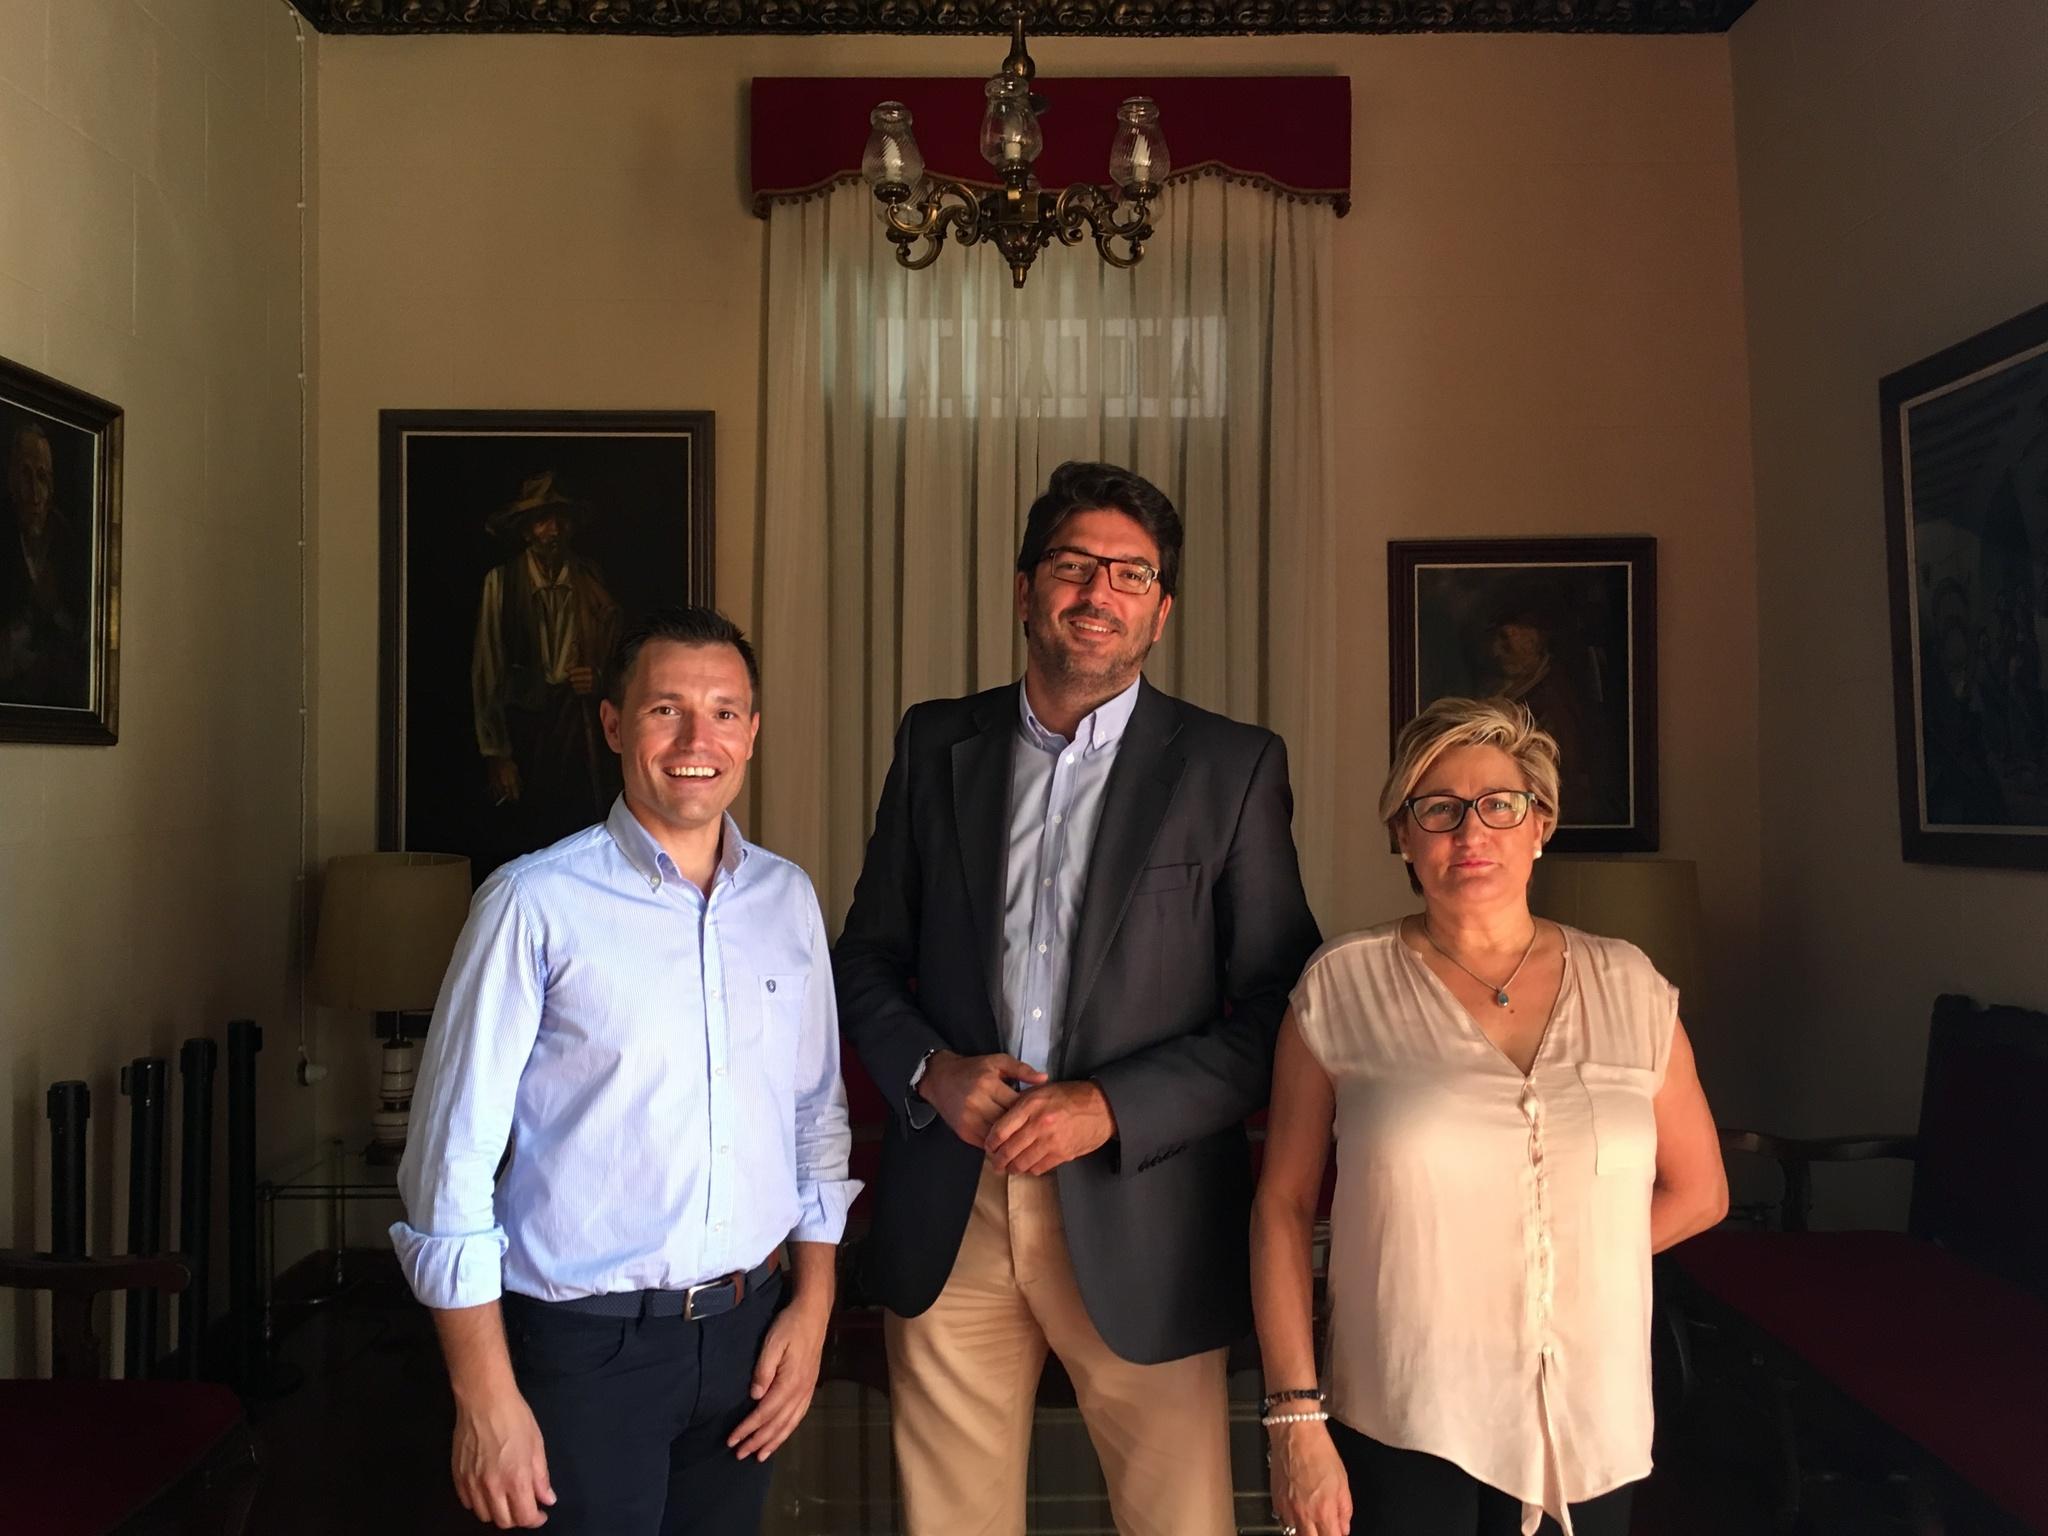 El director general del Instituto de Turismo ha visitado esta semana el municipio de Yecla para coordinar con el Ayuntamiento acciones destinadas a potenciar su turismo gastronómico y de naturaleza. Imagen: CARM